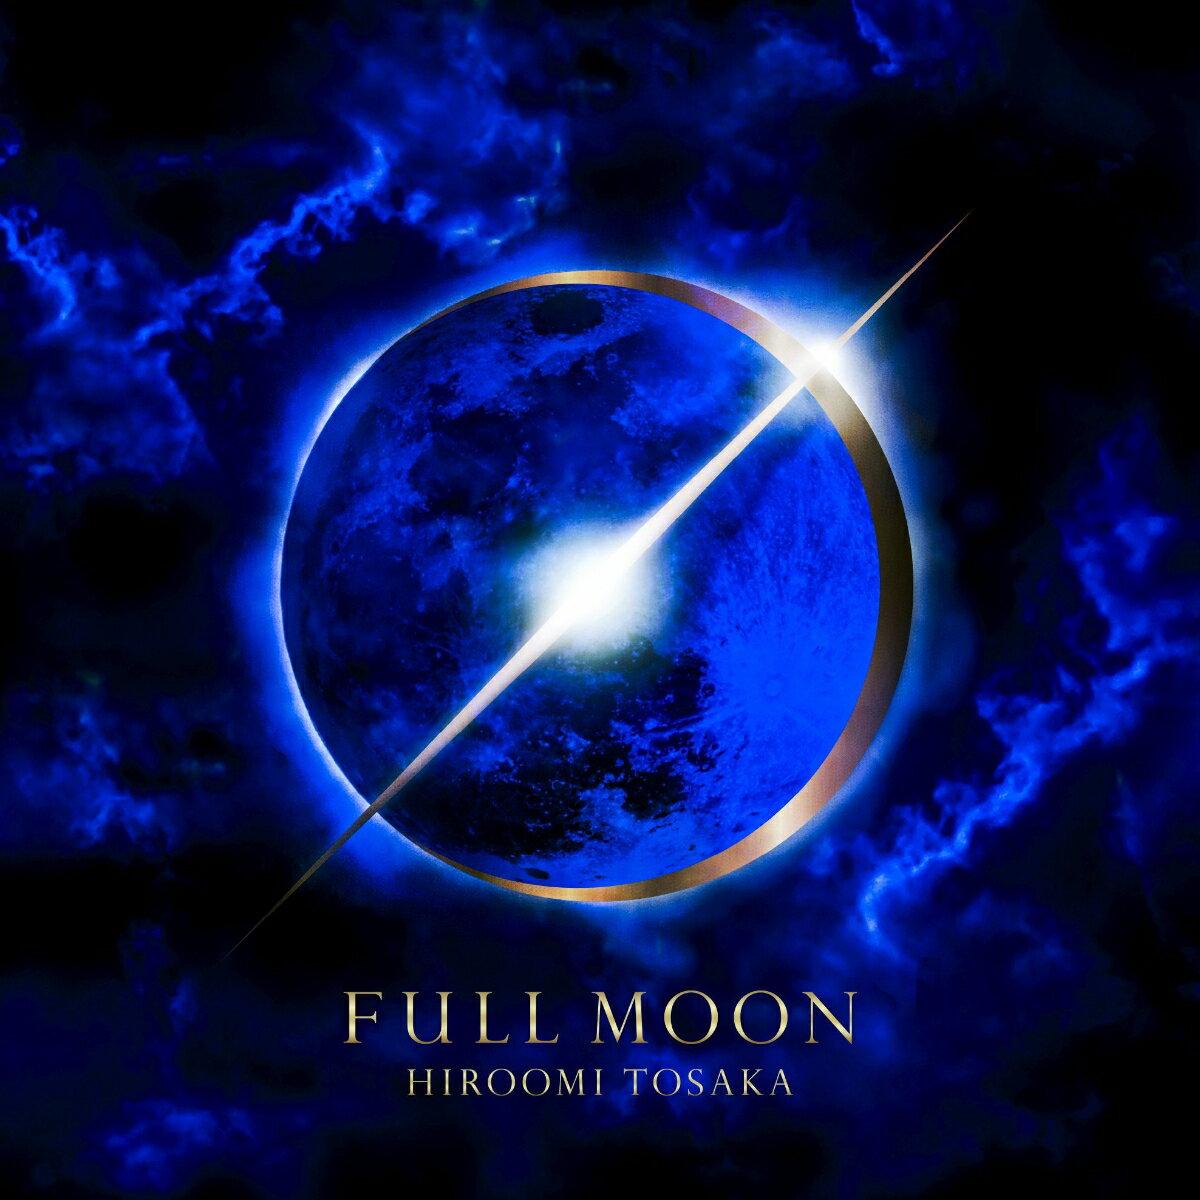 FULL MOON (CD+DVD+スマプラ) [ HIROOMI TOSAKA ]